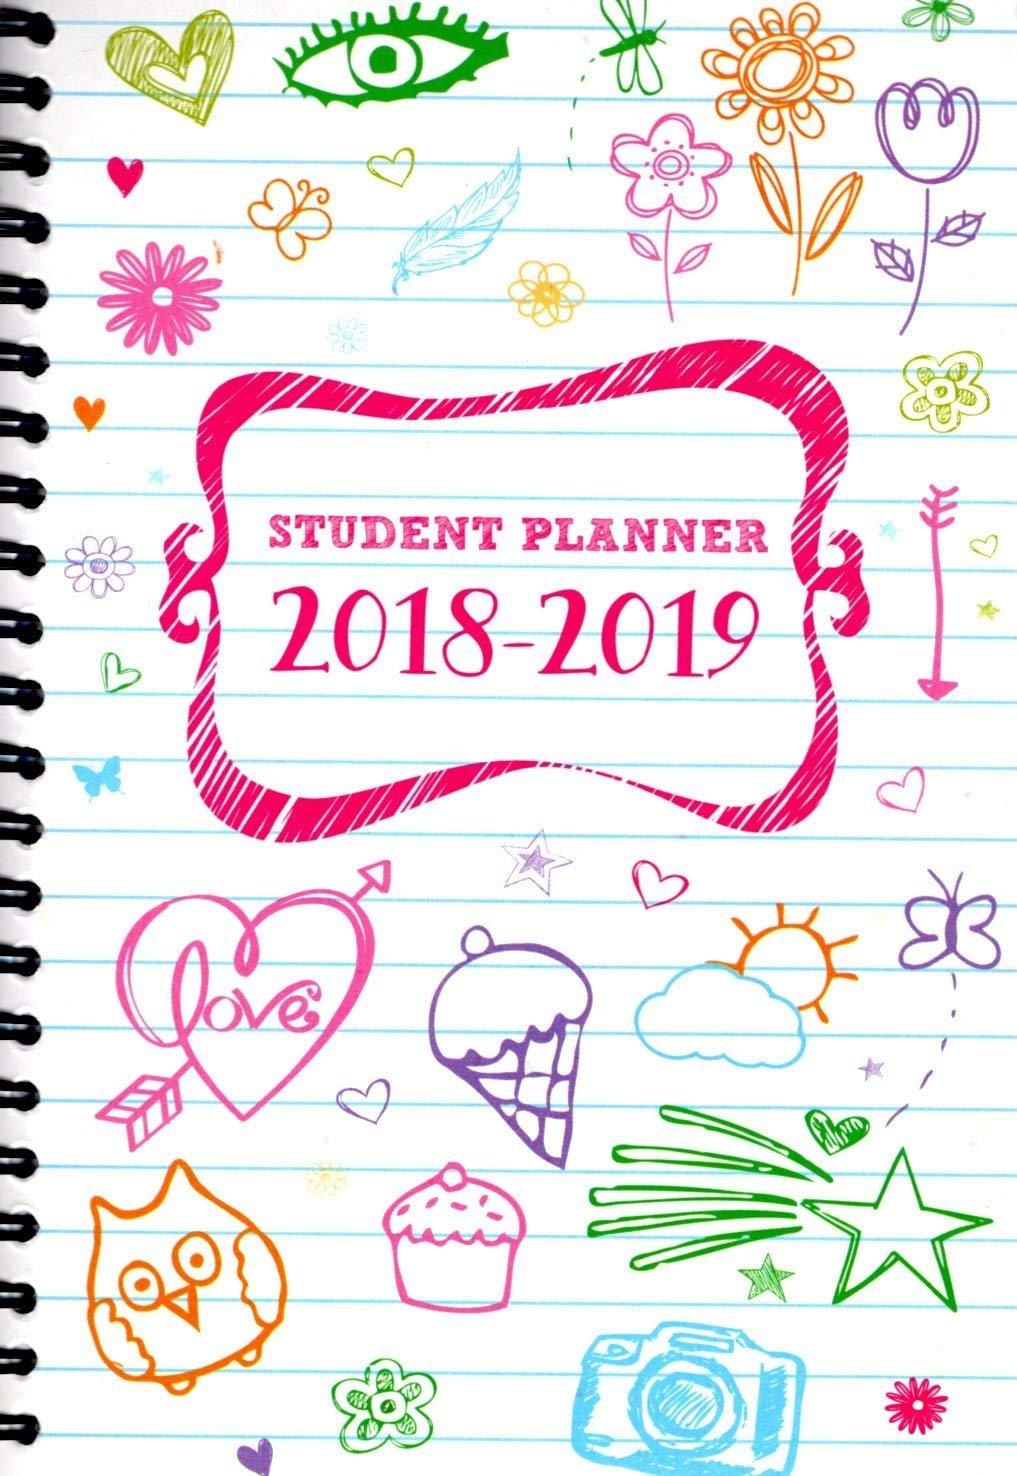 2018-2019 Student Planner Calendar -  (Spiral Bound) v7